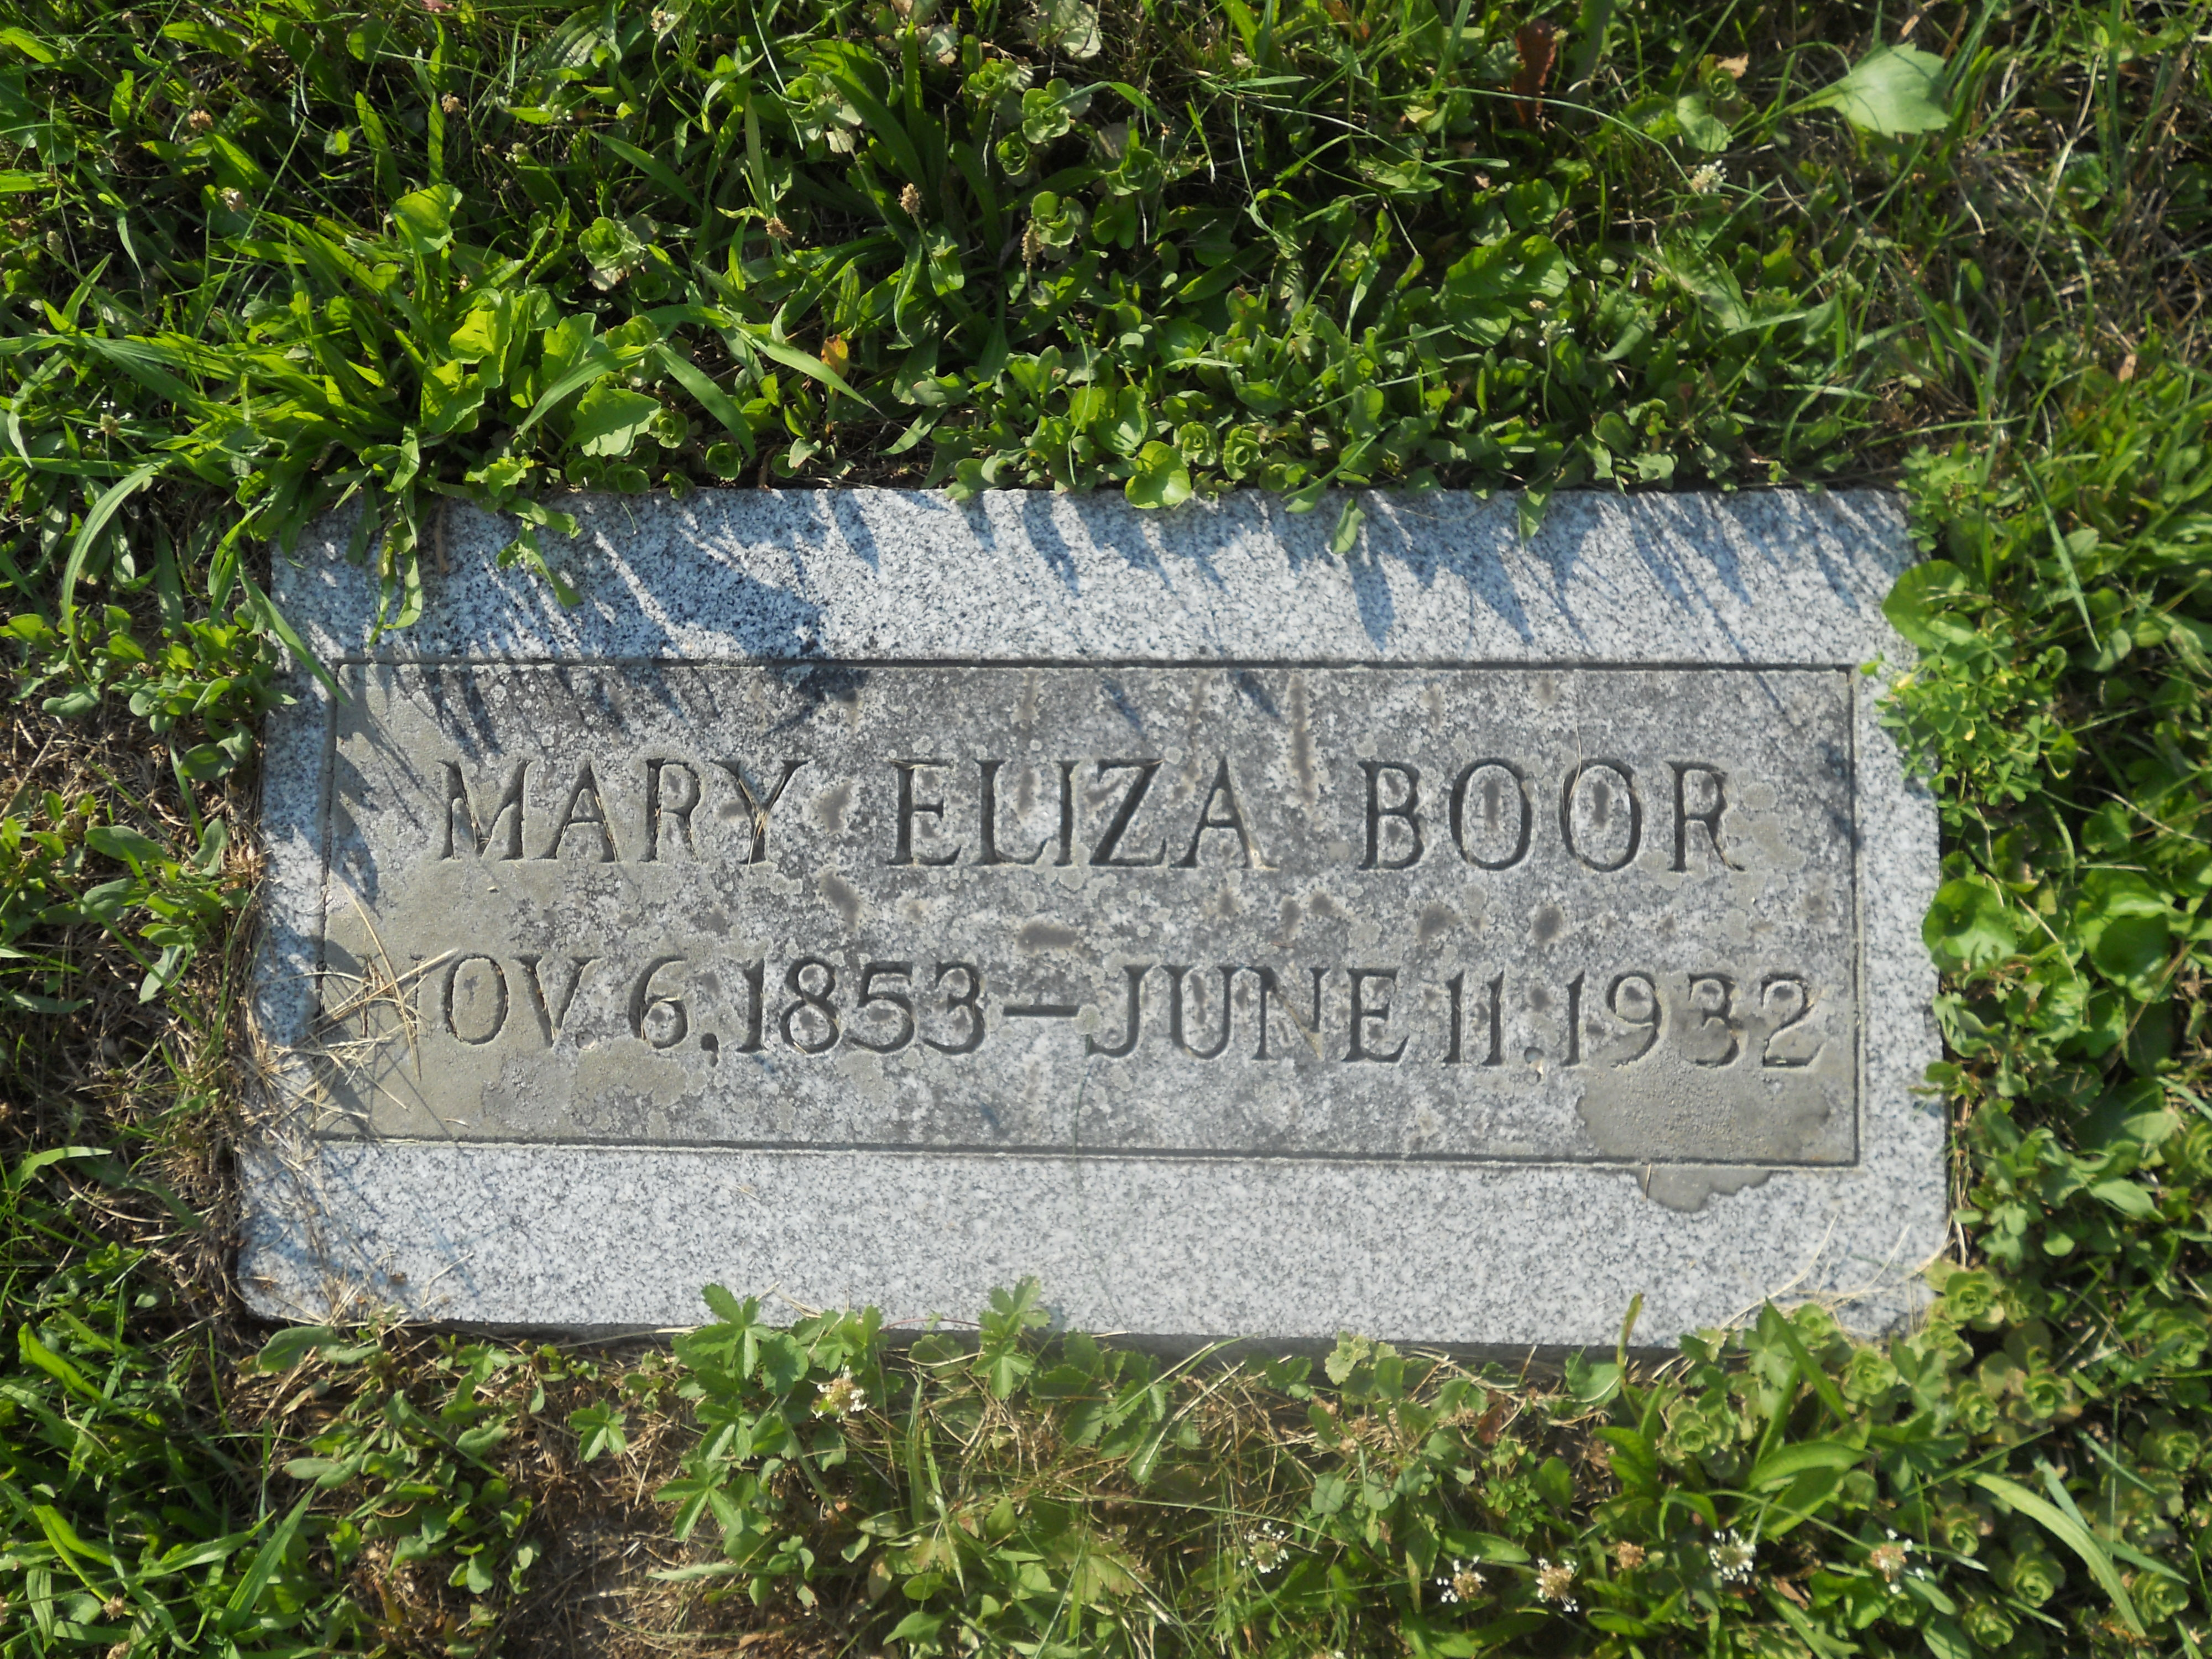 Mary Eliza Boor